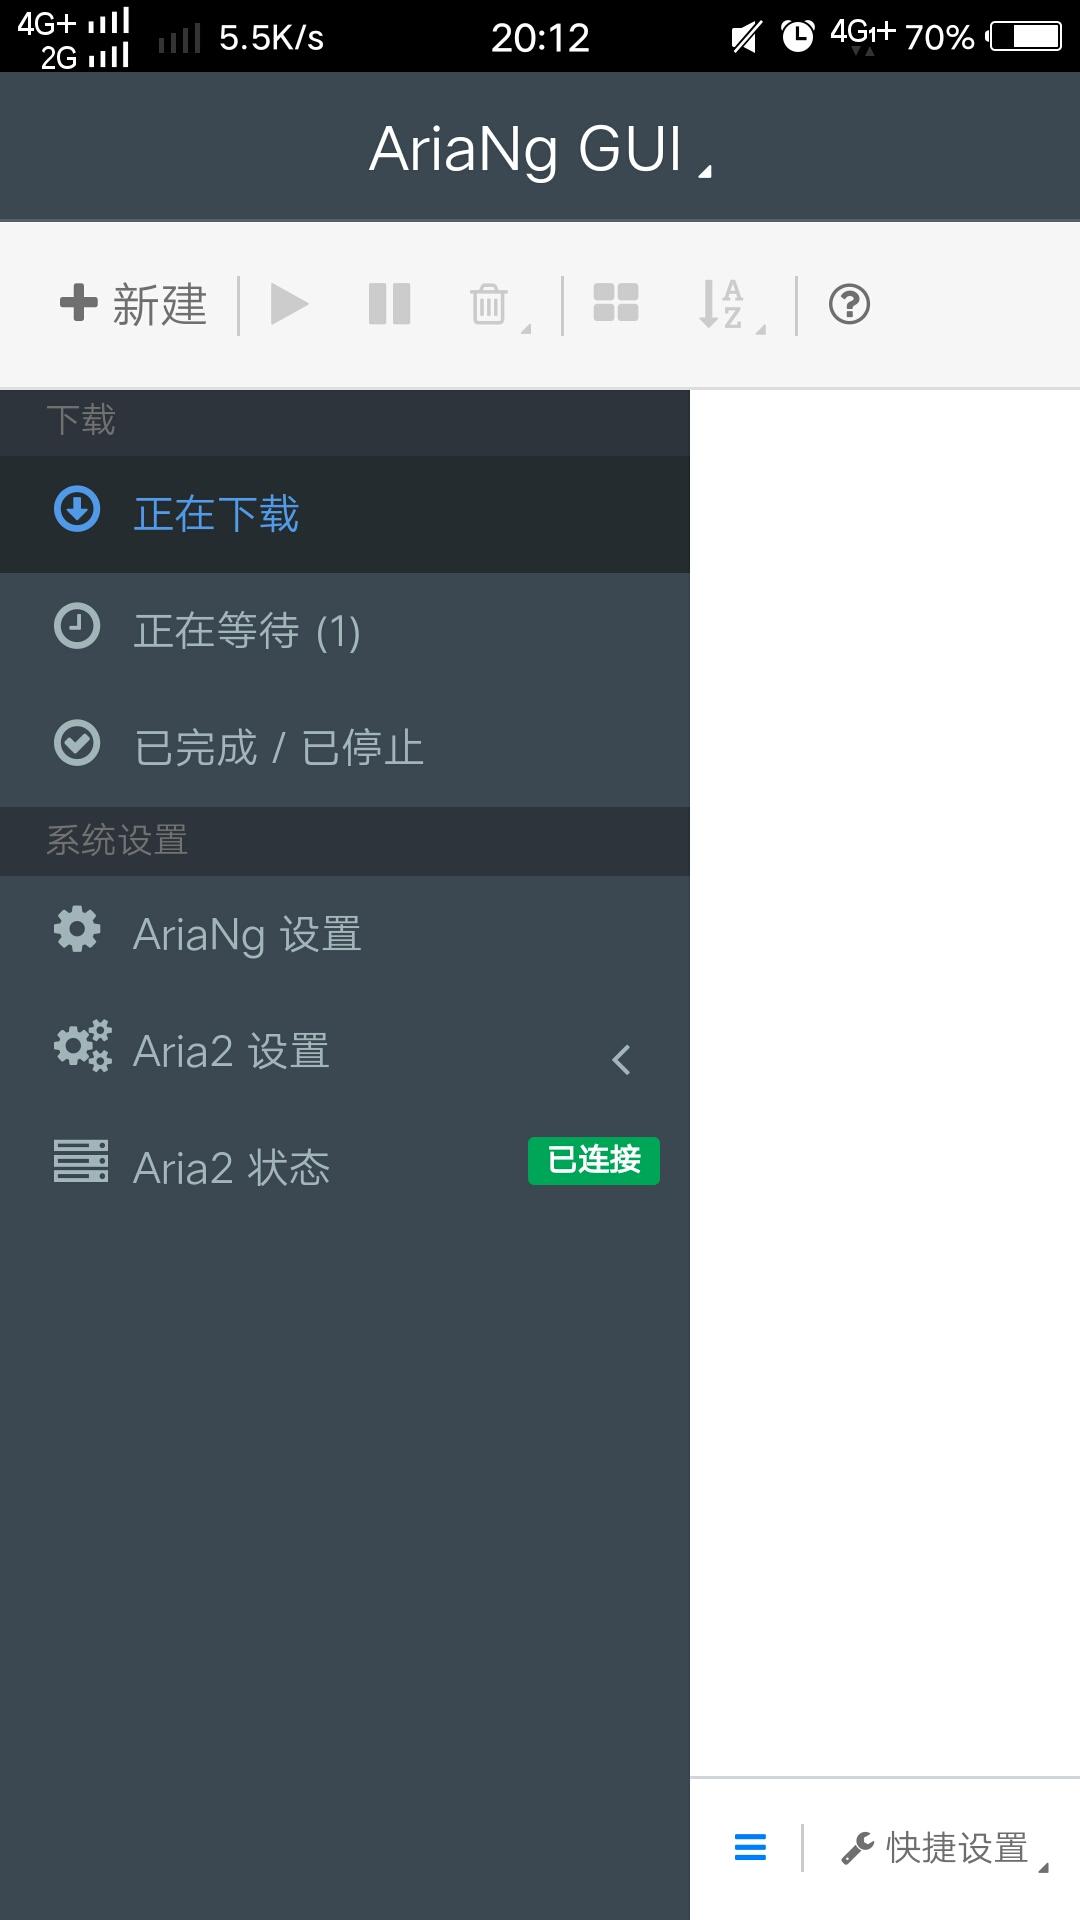 【分享】AriaNgGUI_v1.1.1 破解百度限速,高速下载